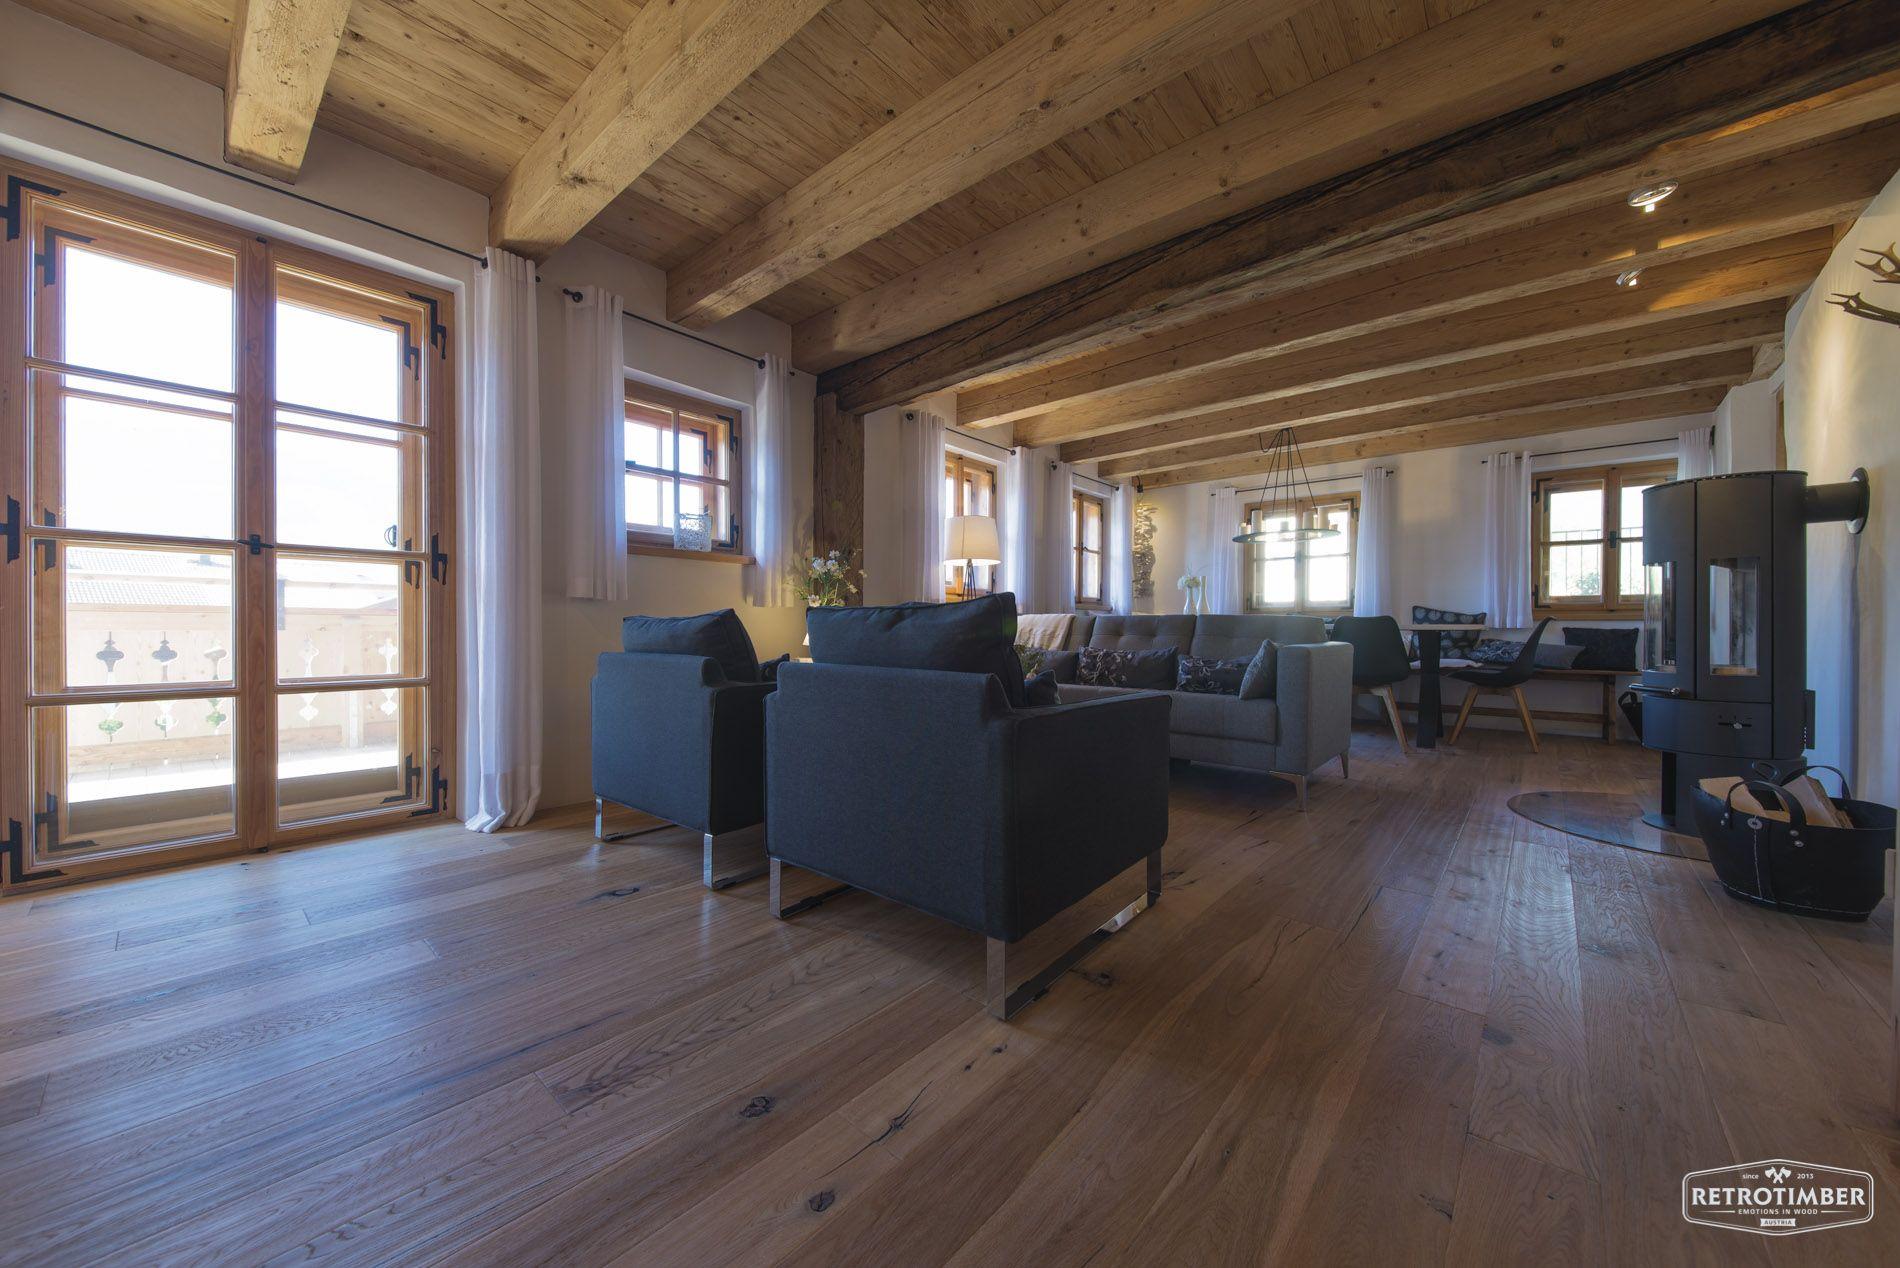 retrotimber | altholz, balken, hausbau, bau, fichte, lärche, Wohnzimmer dekoo